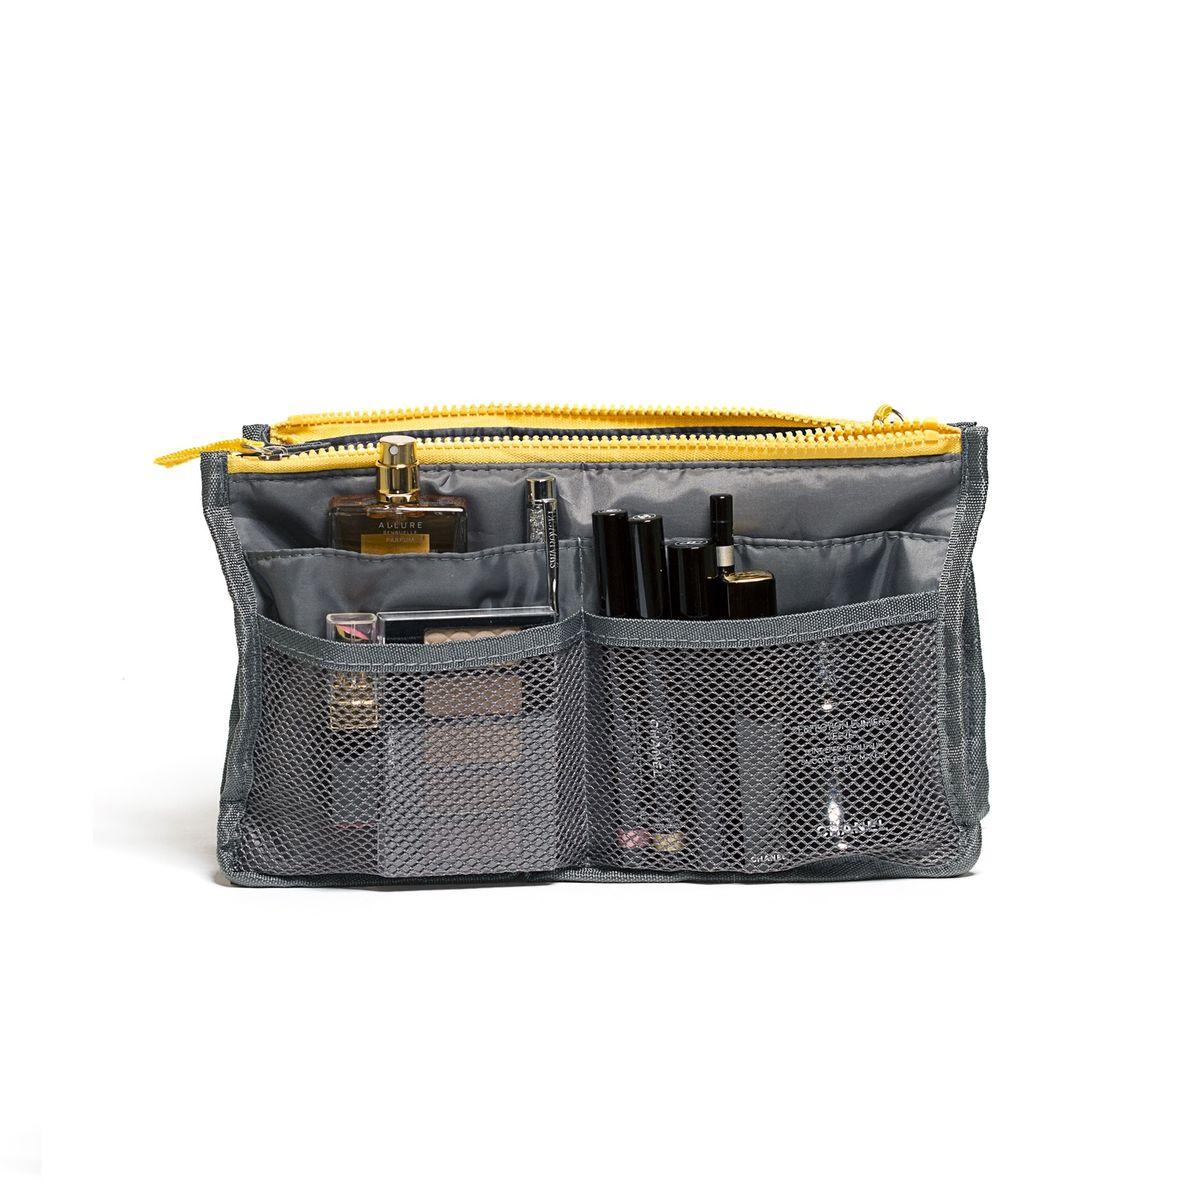 Органайзер для сумки Homsu, цвет: серый, 30 x 8,5 x 18,5 смHOM-137Органайзер для сумки Homsu выполнен из полиэстера. Этот органайзер благодаря трем вместительным отделениям для вещей, четырем кармашкам по бокам и шести кармашкам в виде сетки обеспечит полный порядок в вашей сумке. Кроме того, изделие обладает интересным стилем, выполнено в сером цвете и оснащено двумя крепкими ручками, что позволяет применять его и вне сумки, как отдельный аксессуар.